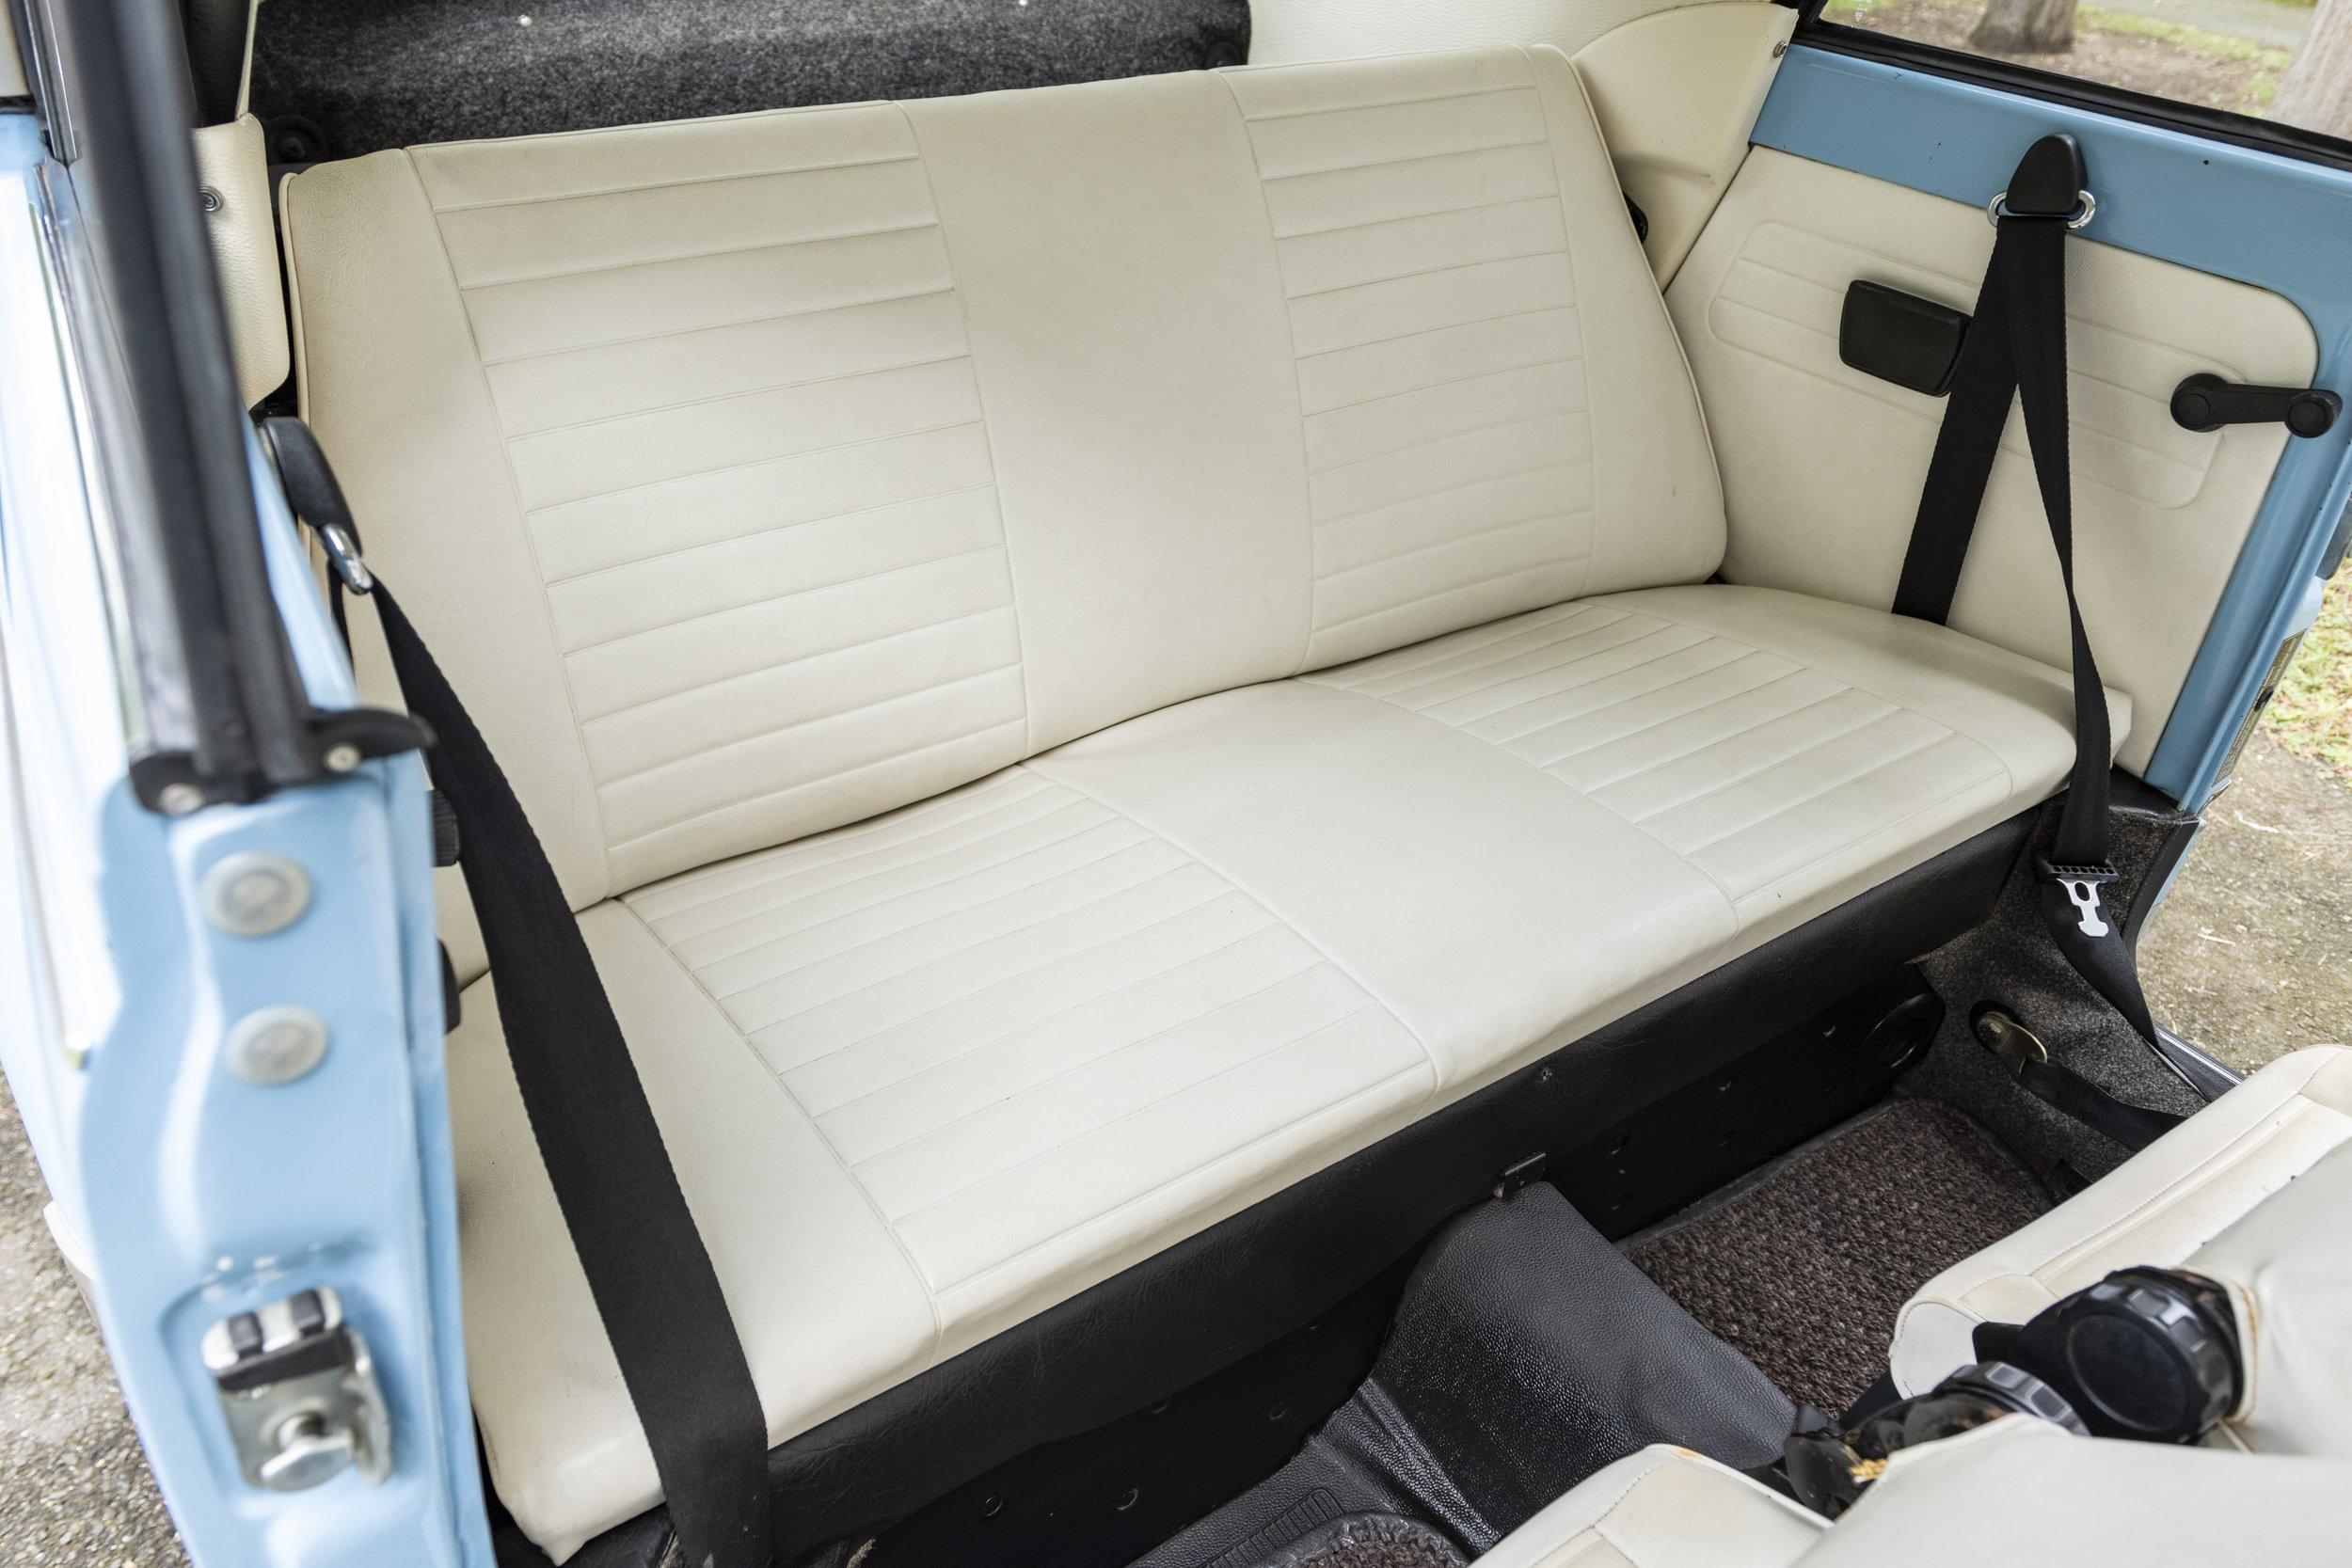 VW Bug Interior_006.JPG